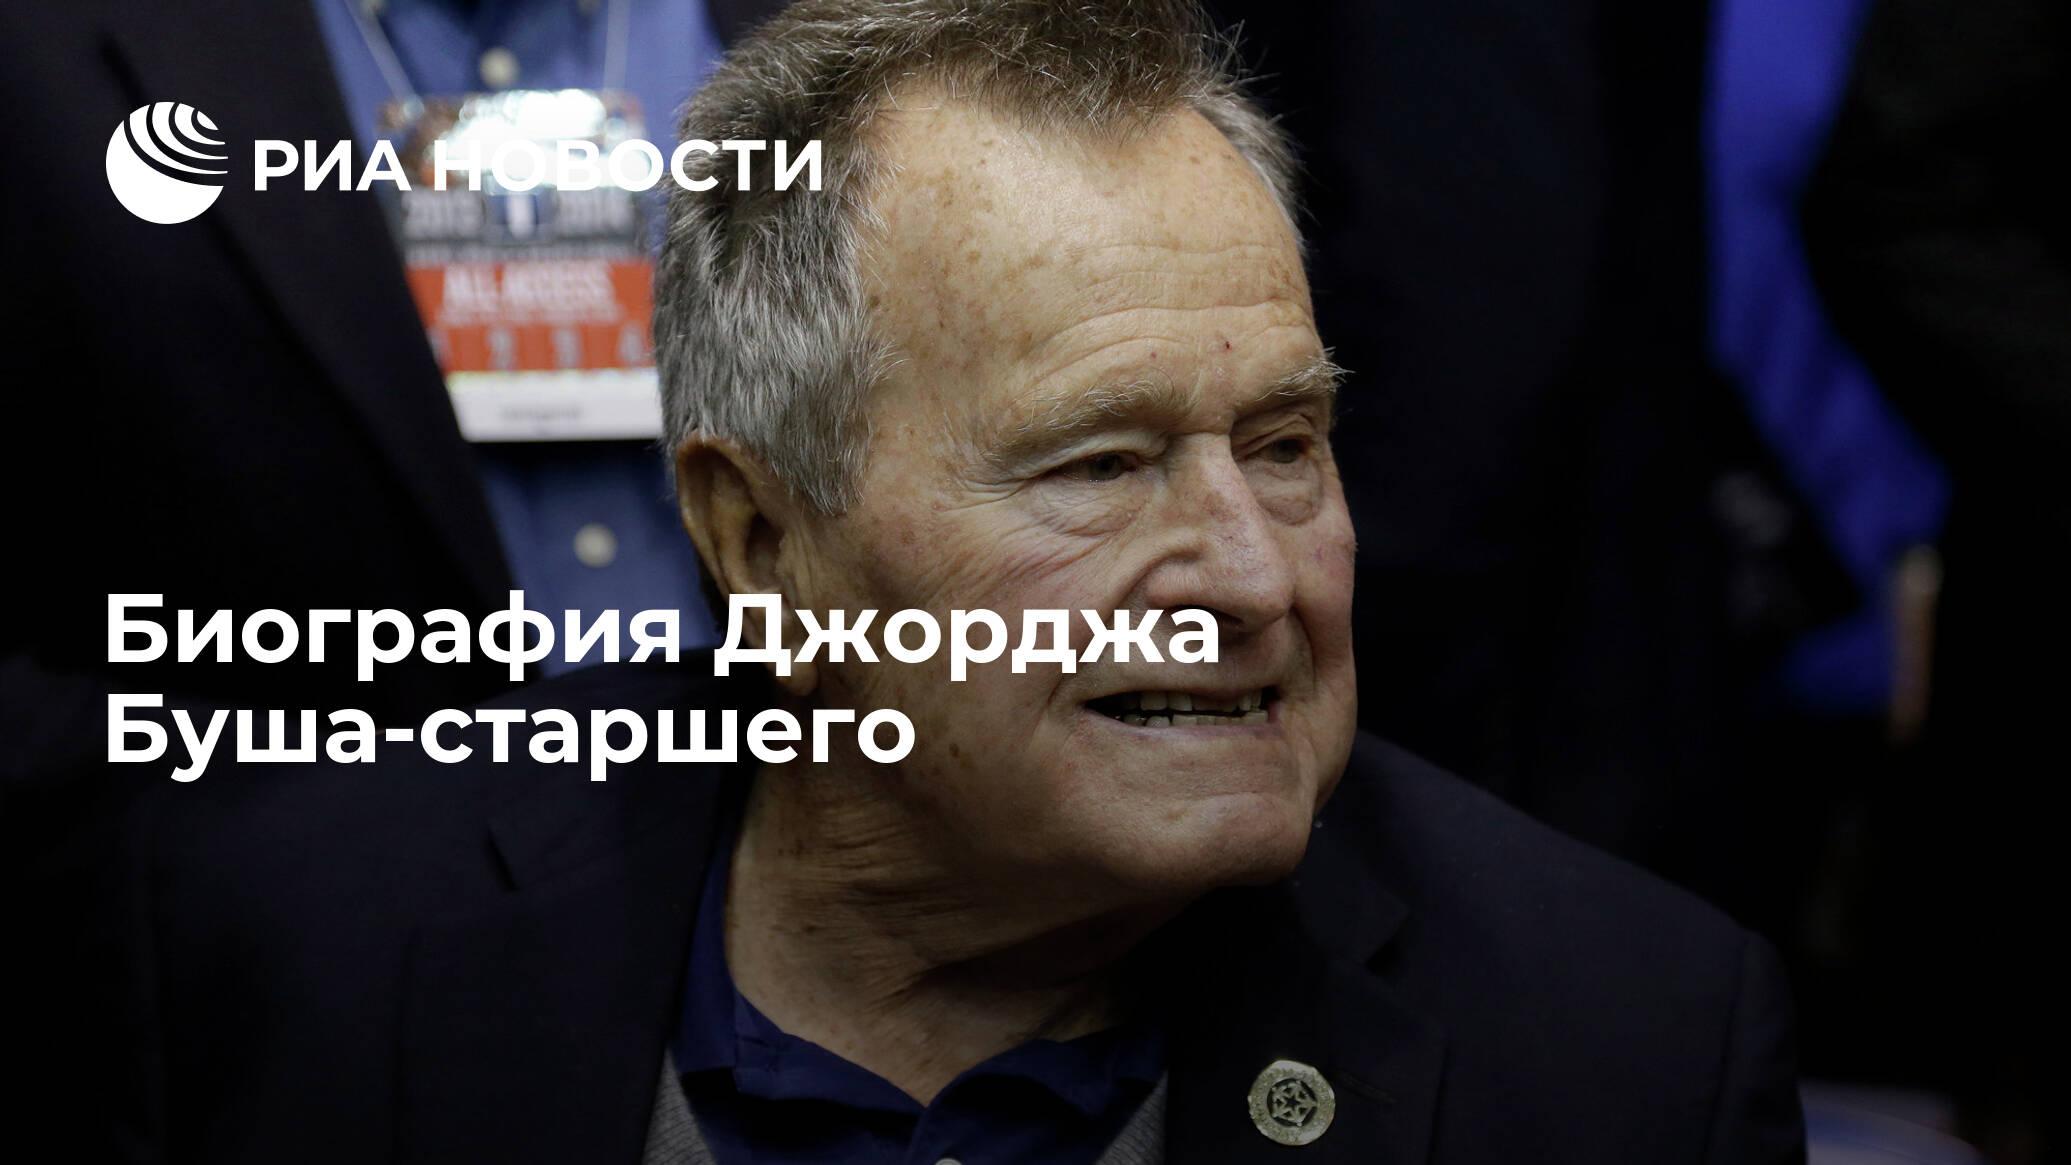 Биография Джорджа Буша-старшего